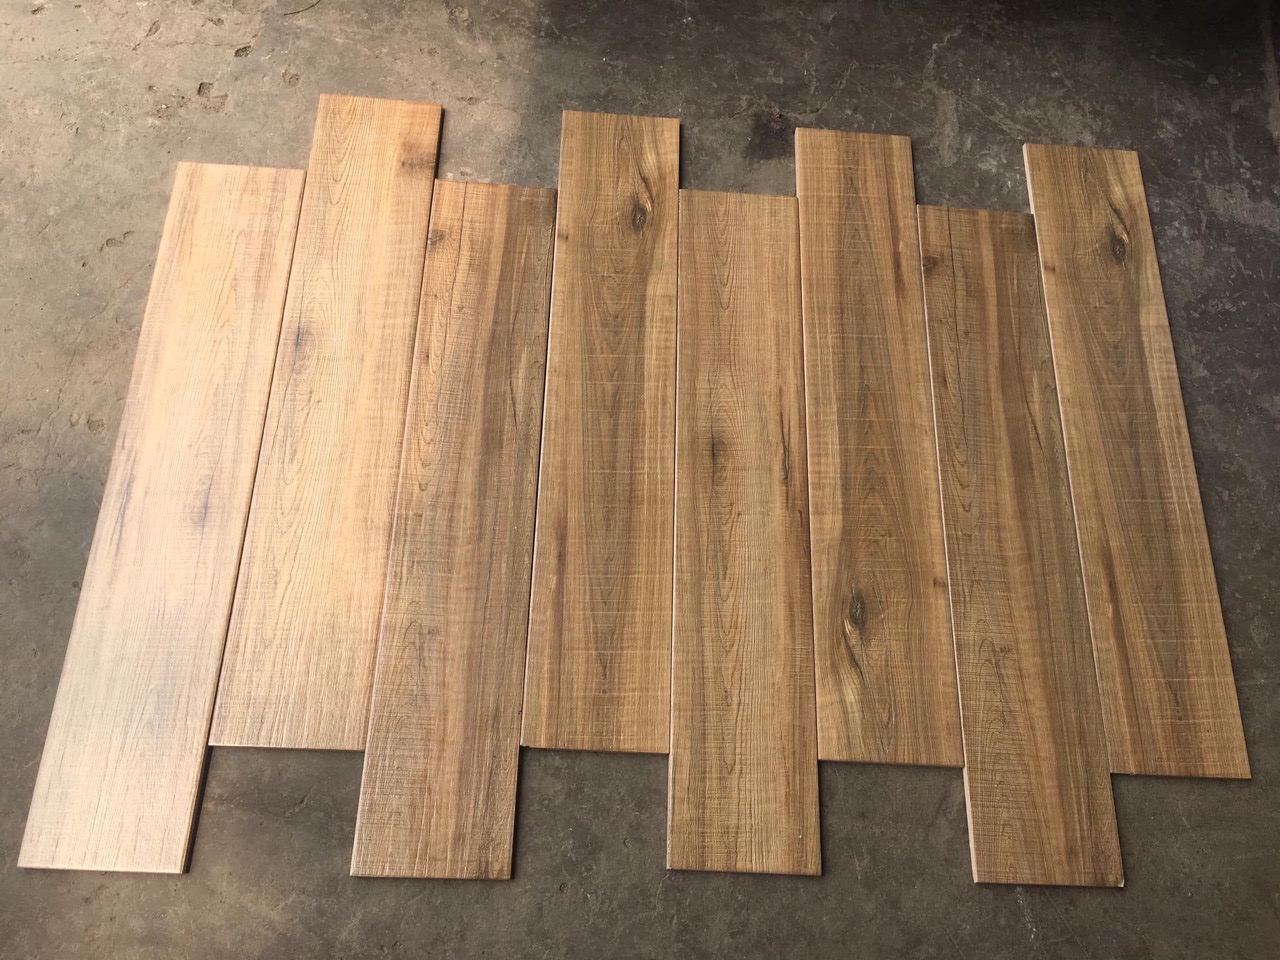 Gạch vân gỗ 15x80 CMC - gạch giả gỗ 15x80 giá rẻ